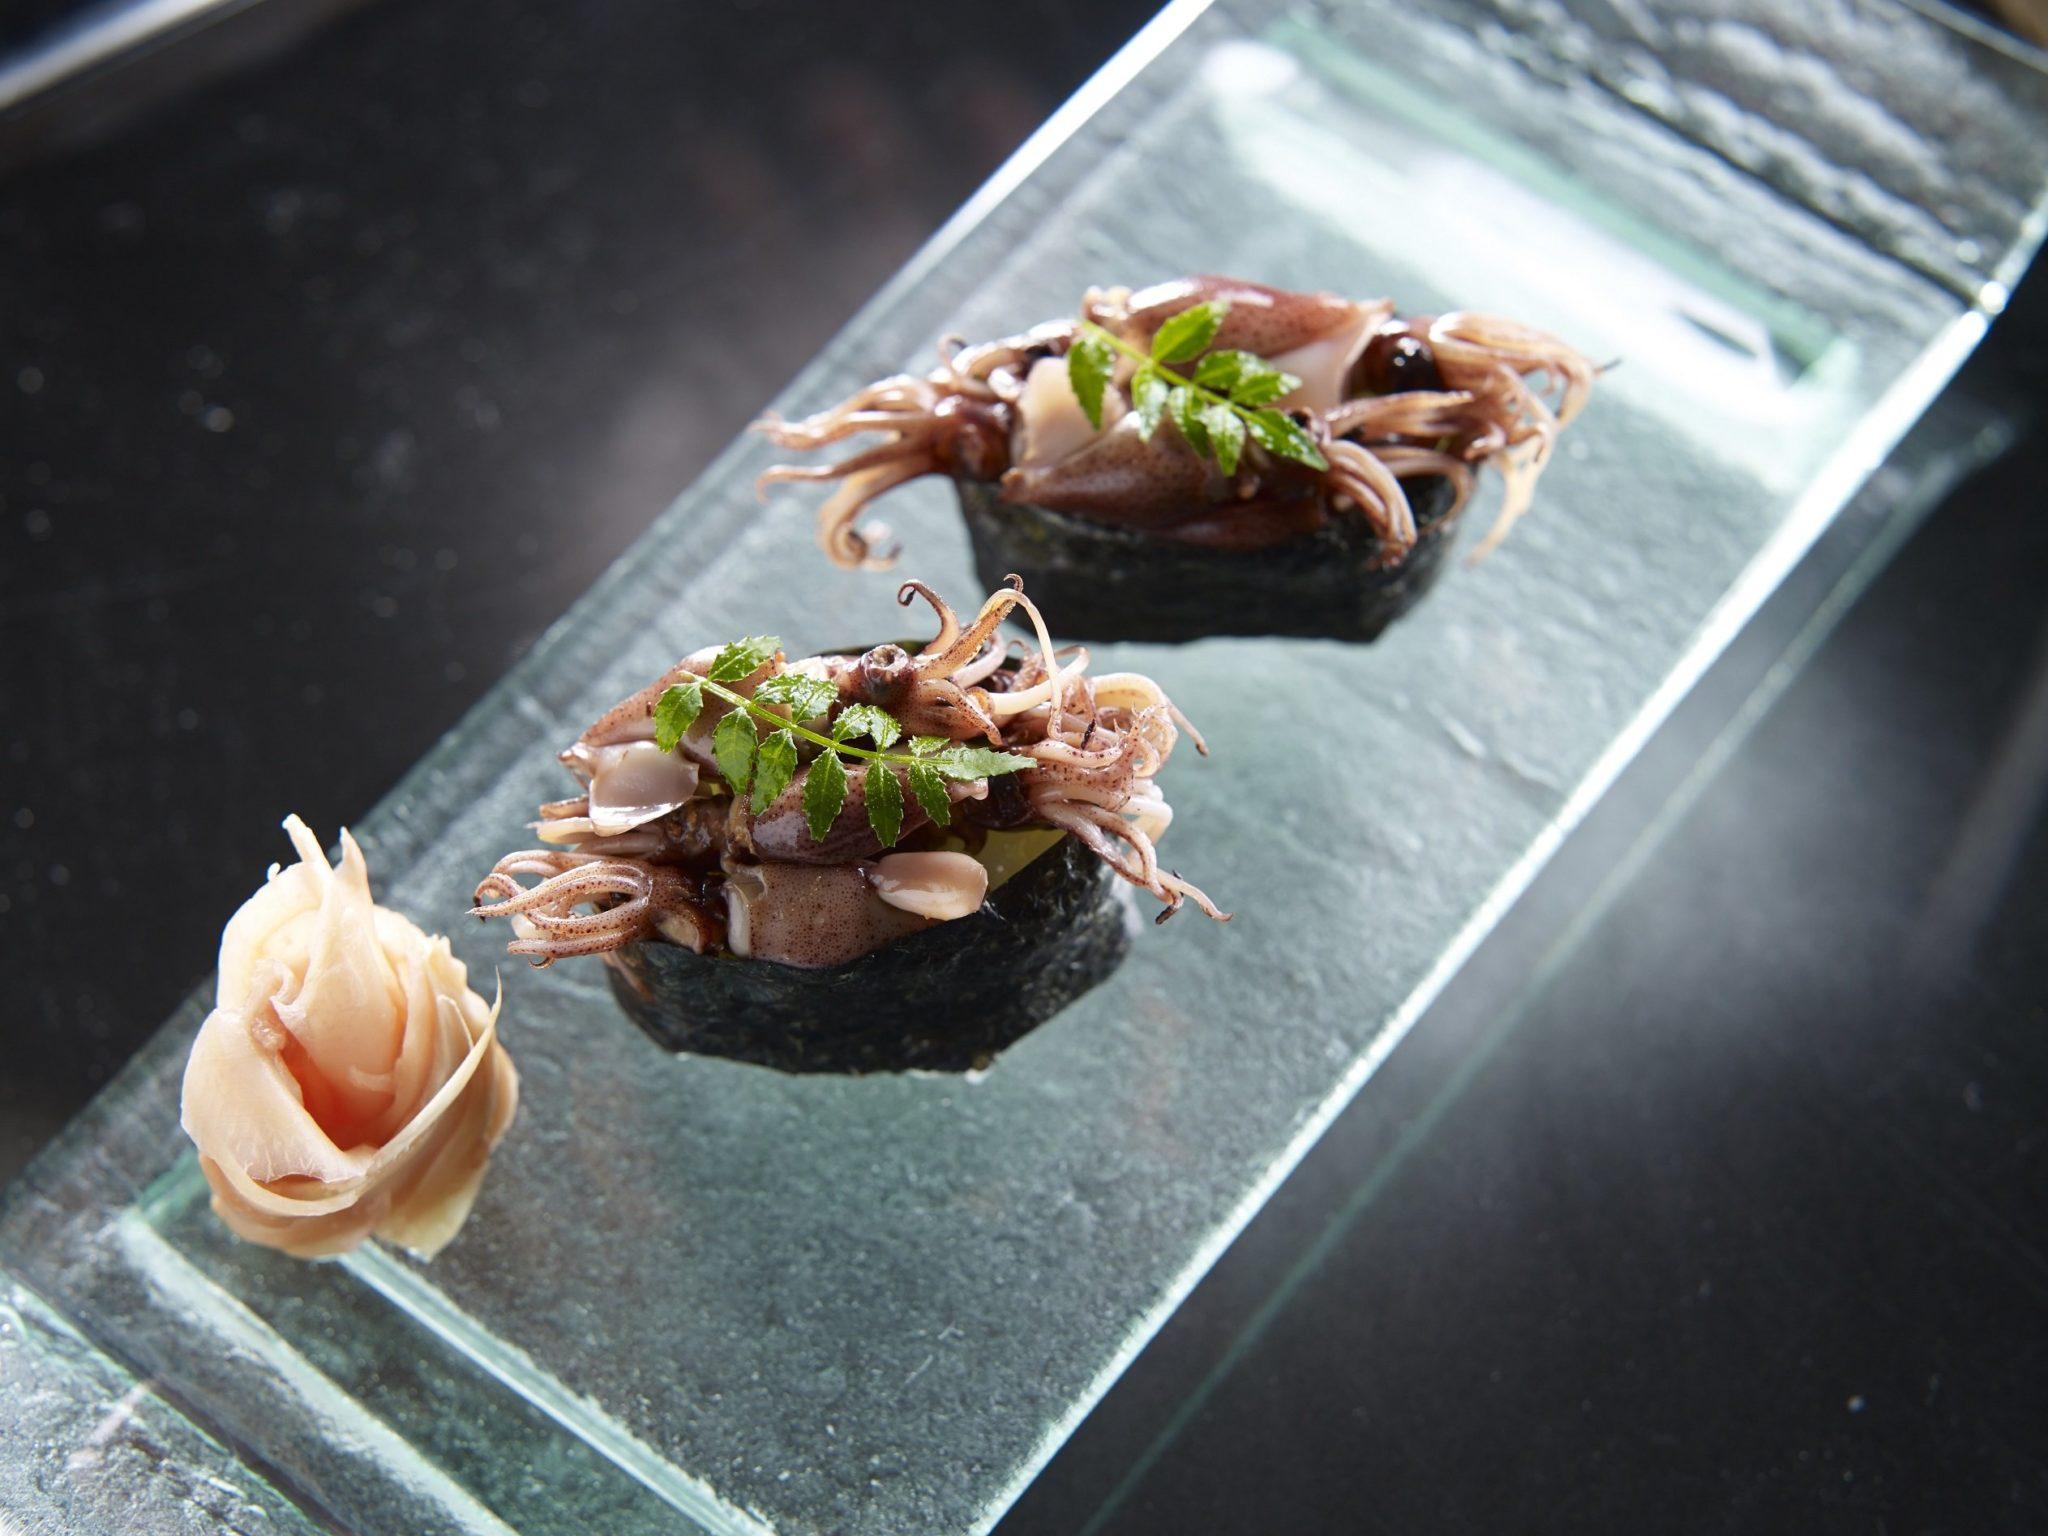 เชิญลิ้มลองความอร่อยประจำฤดูกาลจากเมนูปลาหมึกหิ่งห้อยและเมนูหน่อไม้ญี่ปุ่น 2 -